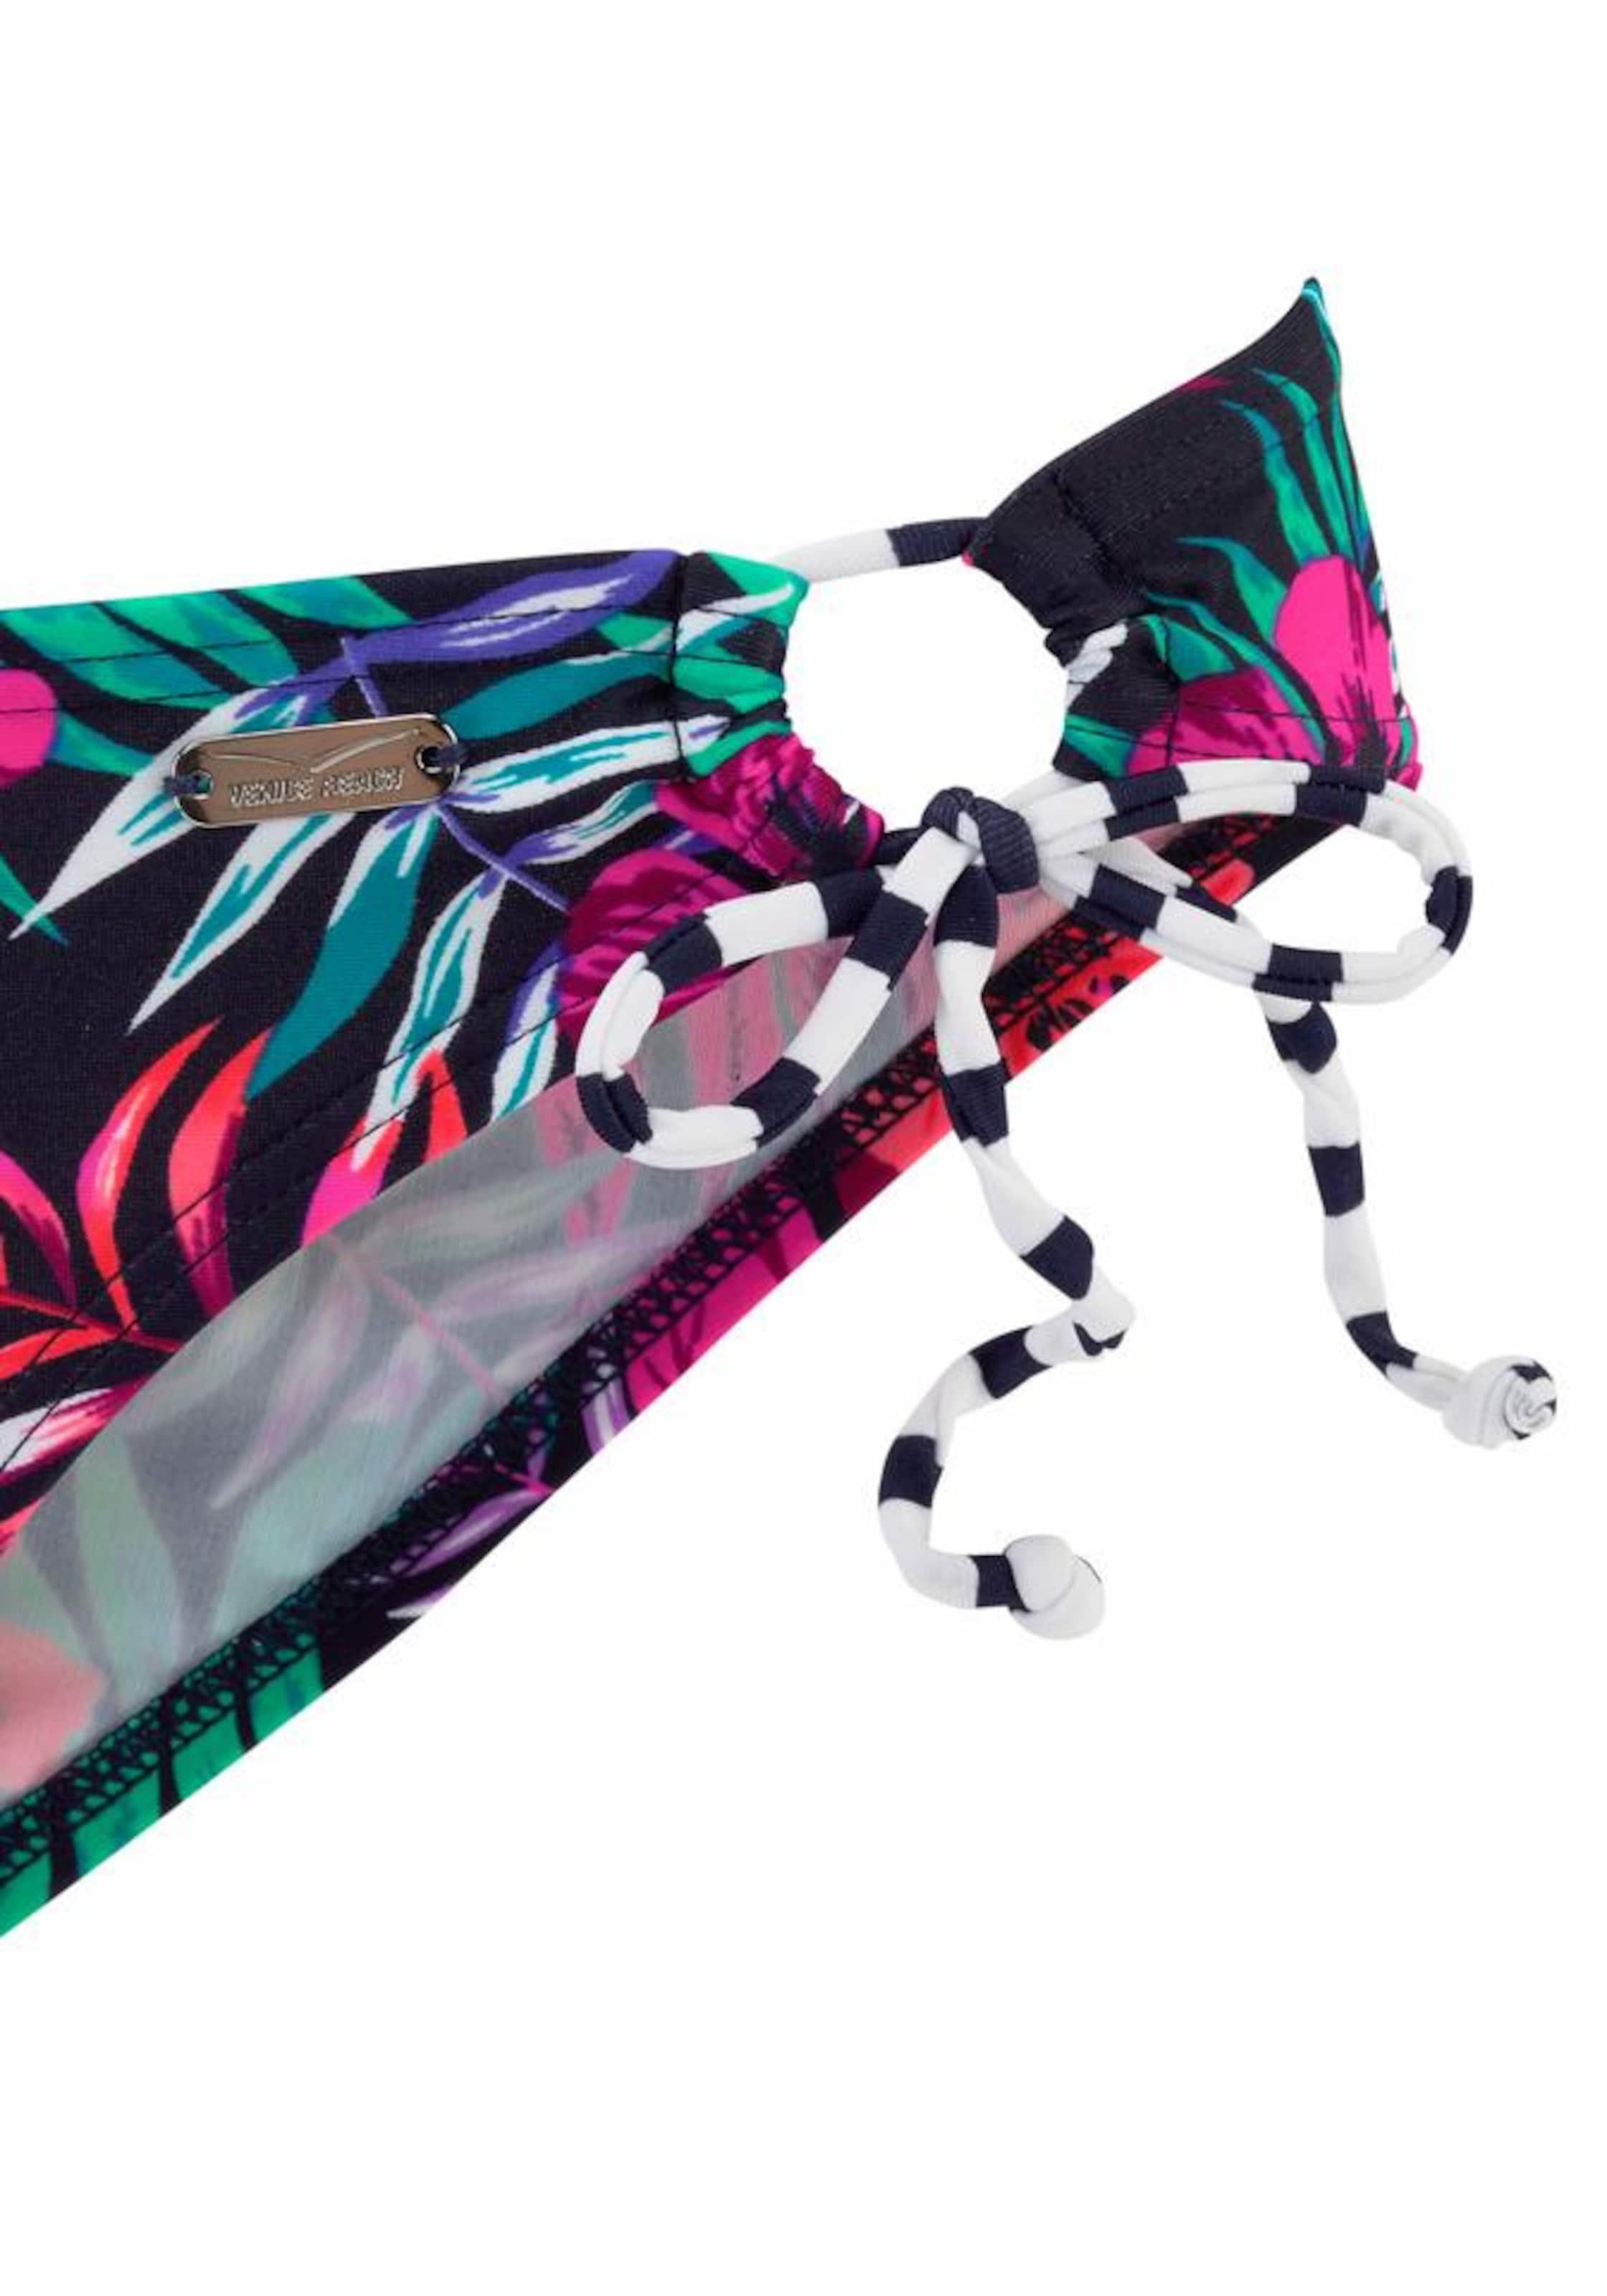 Besuchen Neuen Günstigen Preis VENICE BEACH Bikini-Hose 'Summer' Manchester Großer Verkauf Günstiger Preis Auslass Erhalten Zu Kaufen Billige Offizielle Seite oEZ0CV1